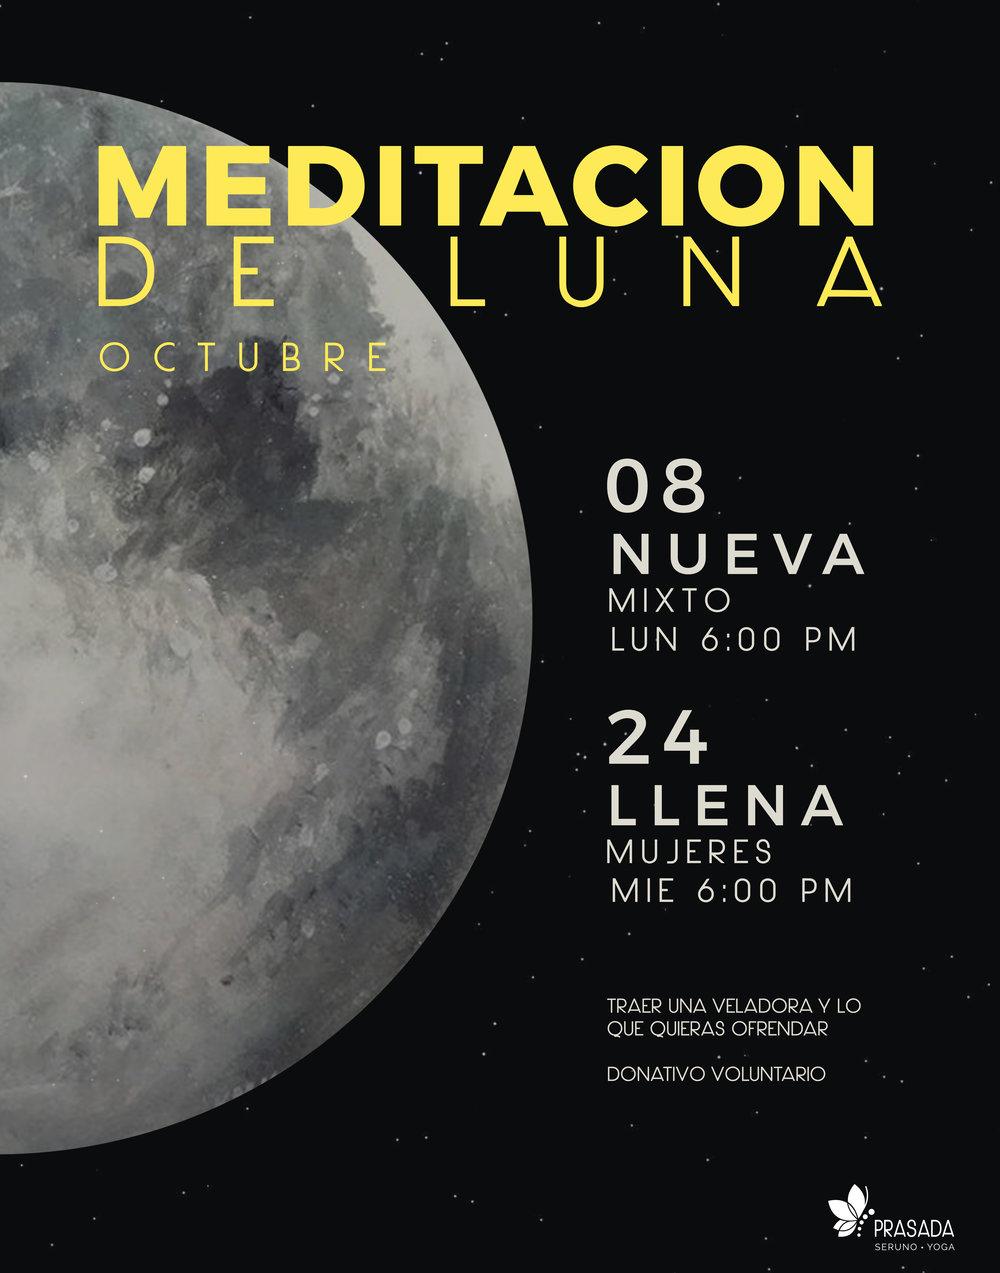 meditacion_lunas_oct18.jpg